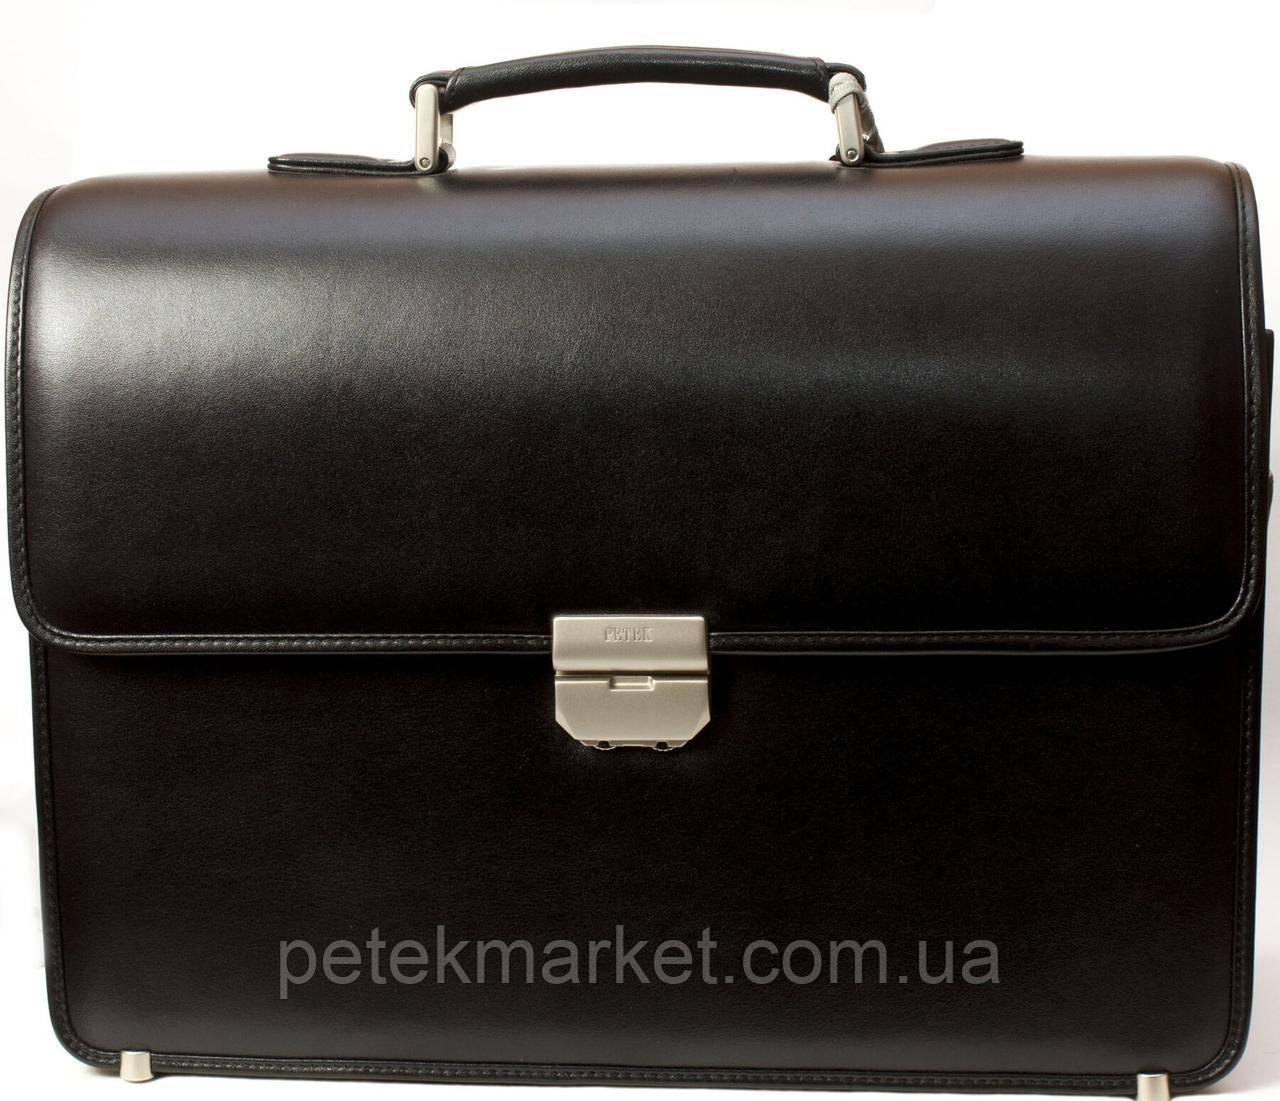 Кожаный деловой портфель, портфель для ноутбука Petek 841-000-01